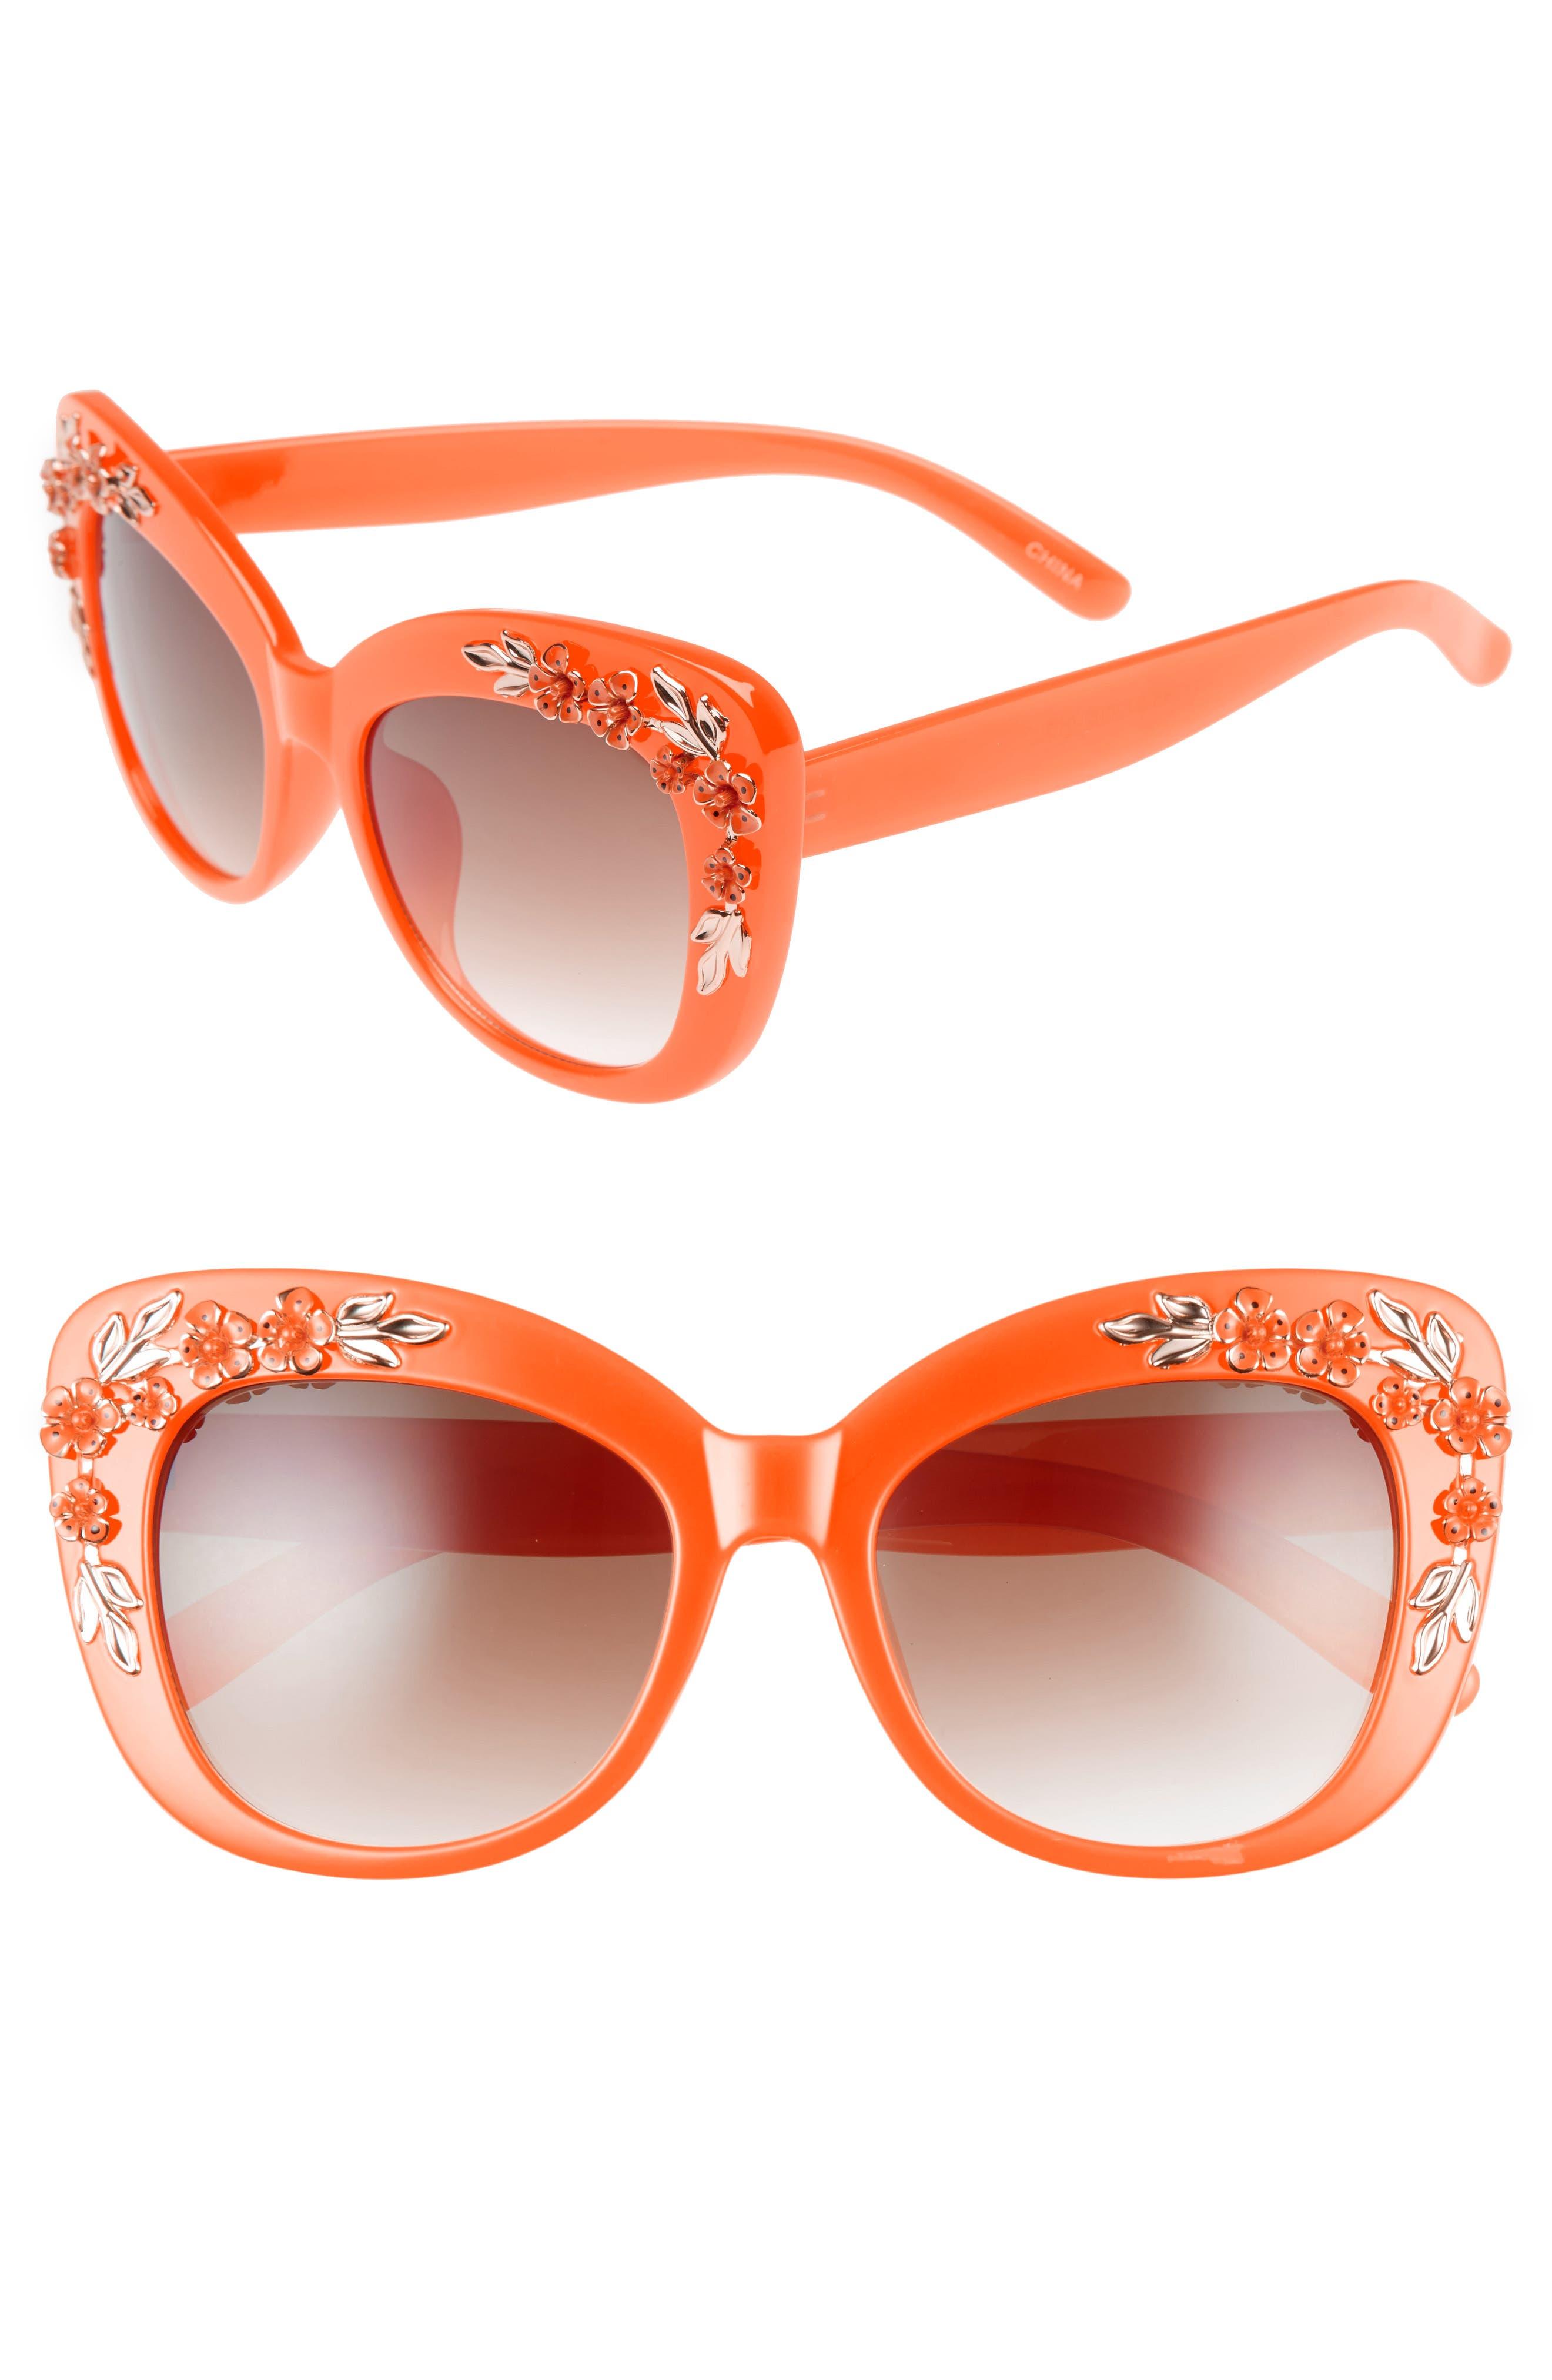 Leith 58mm Floral & Leaf Embellished Cat Eye Sunglasses